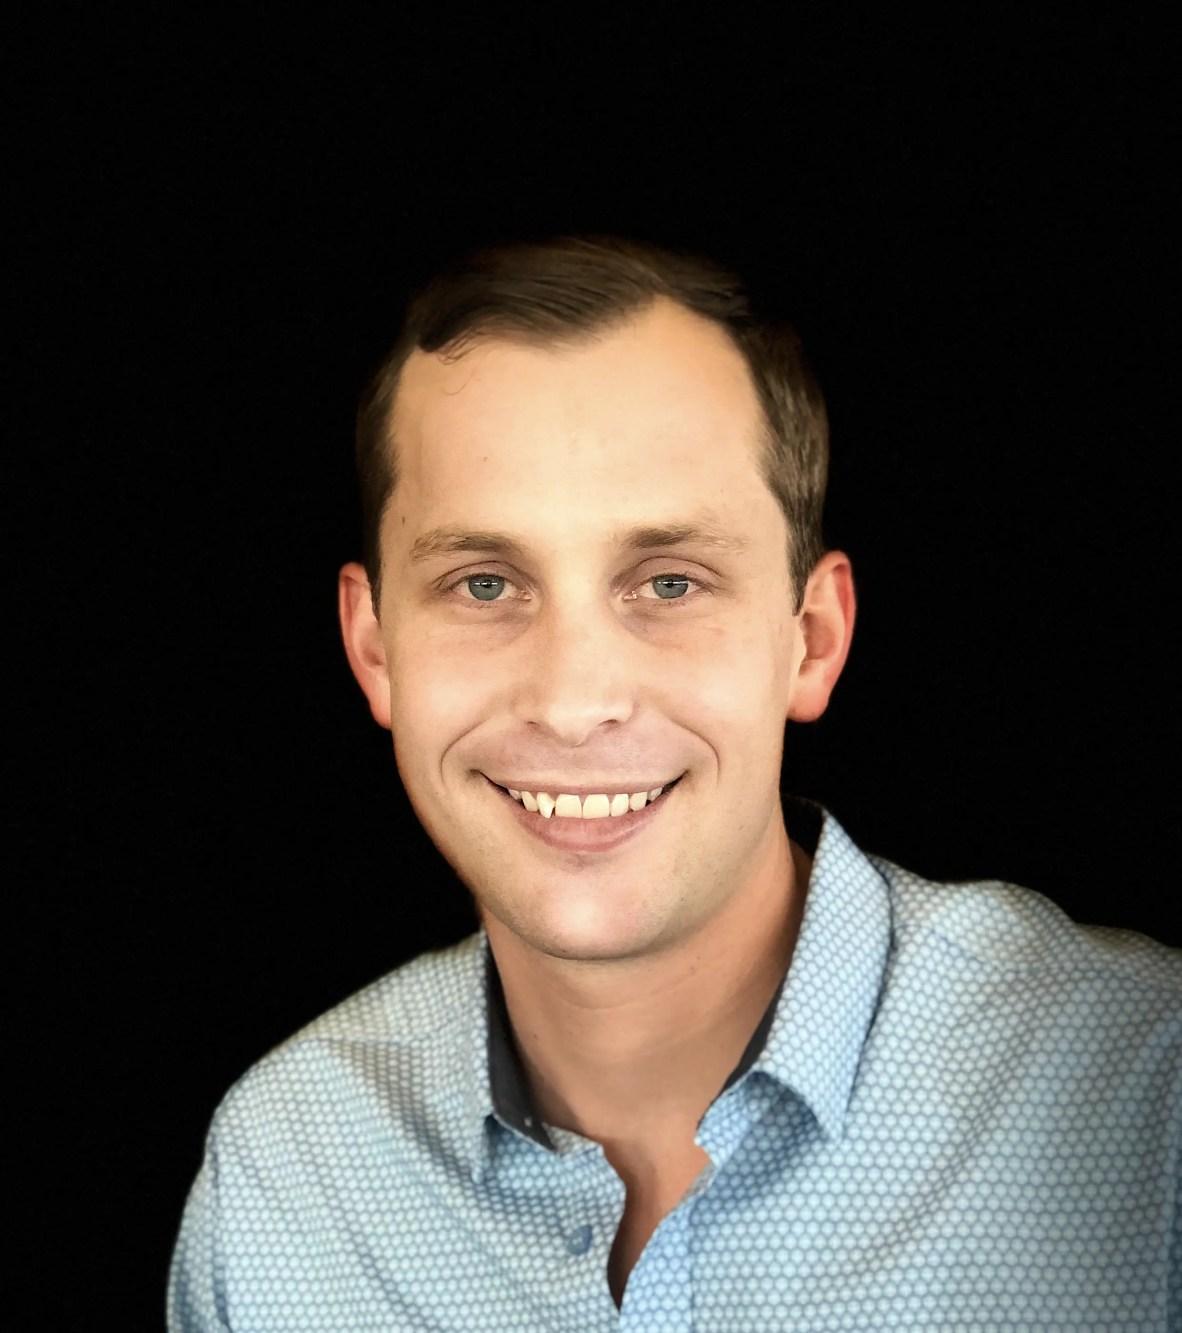 Michael Klements